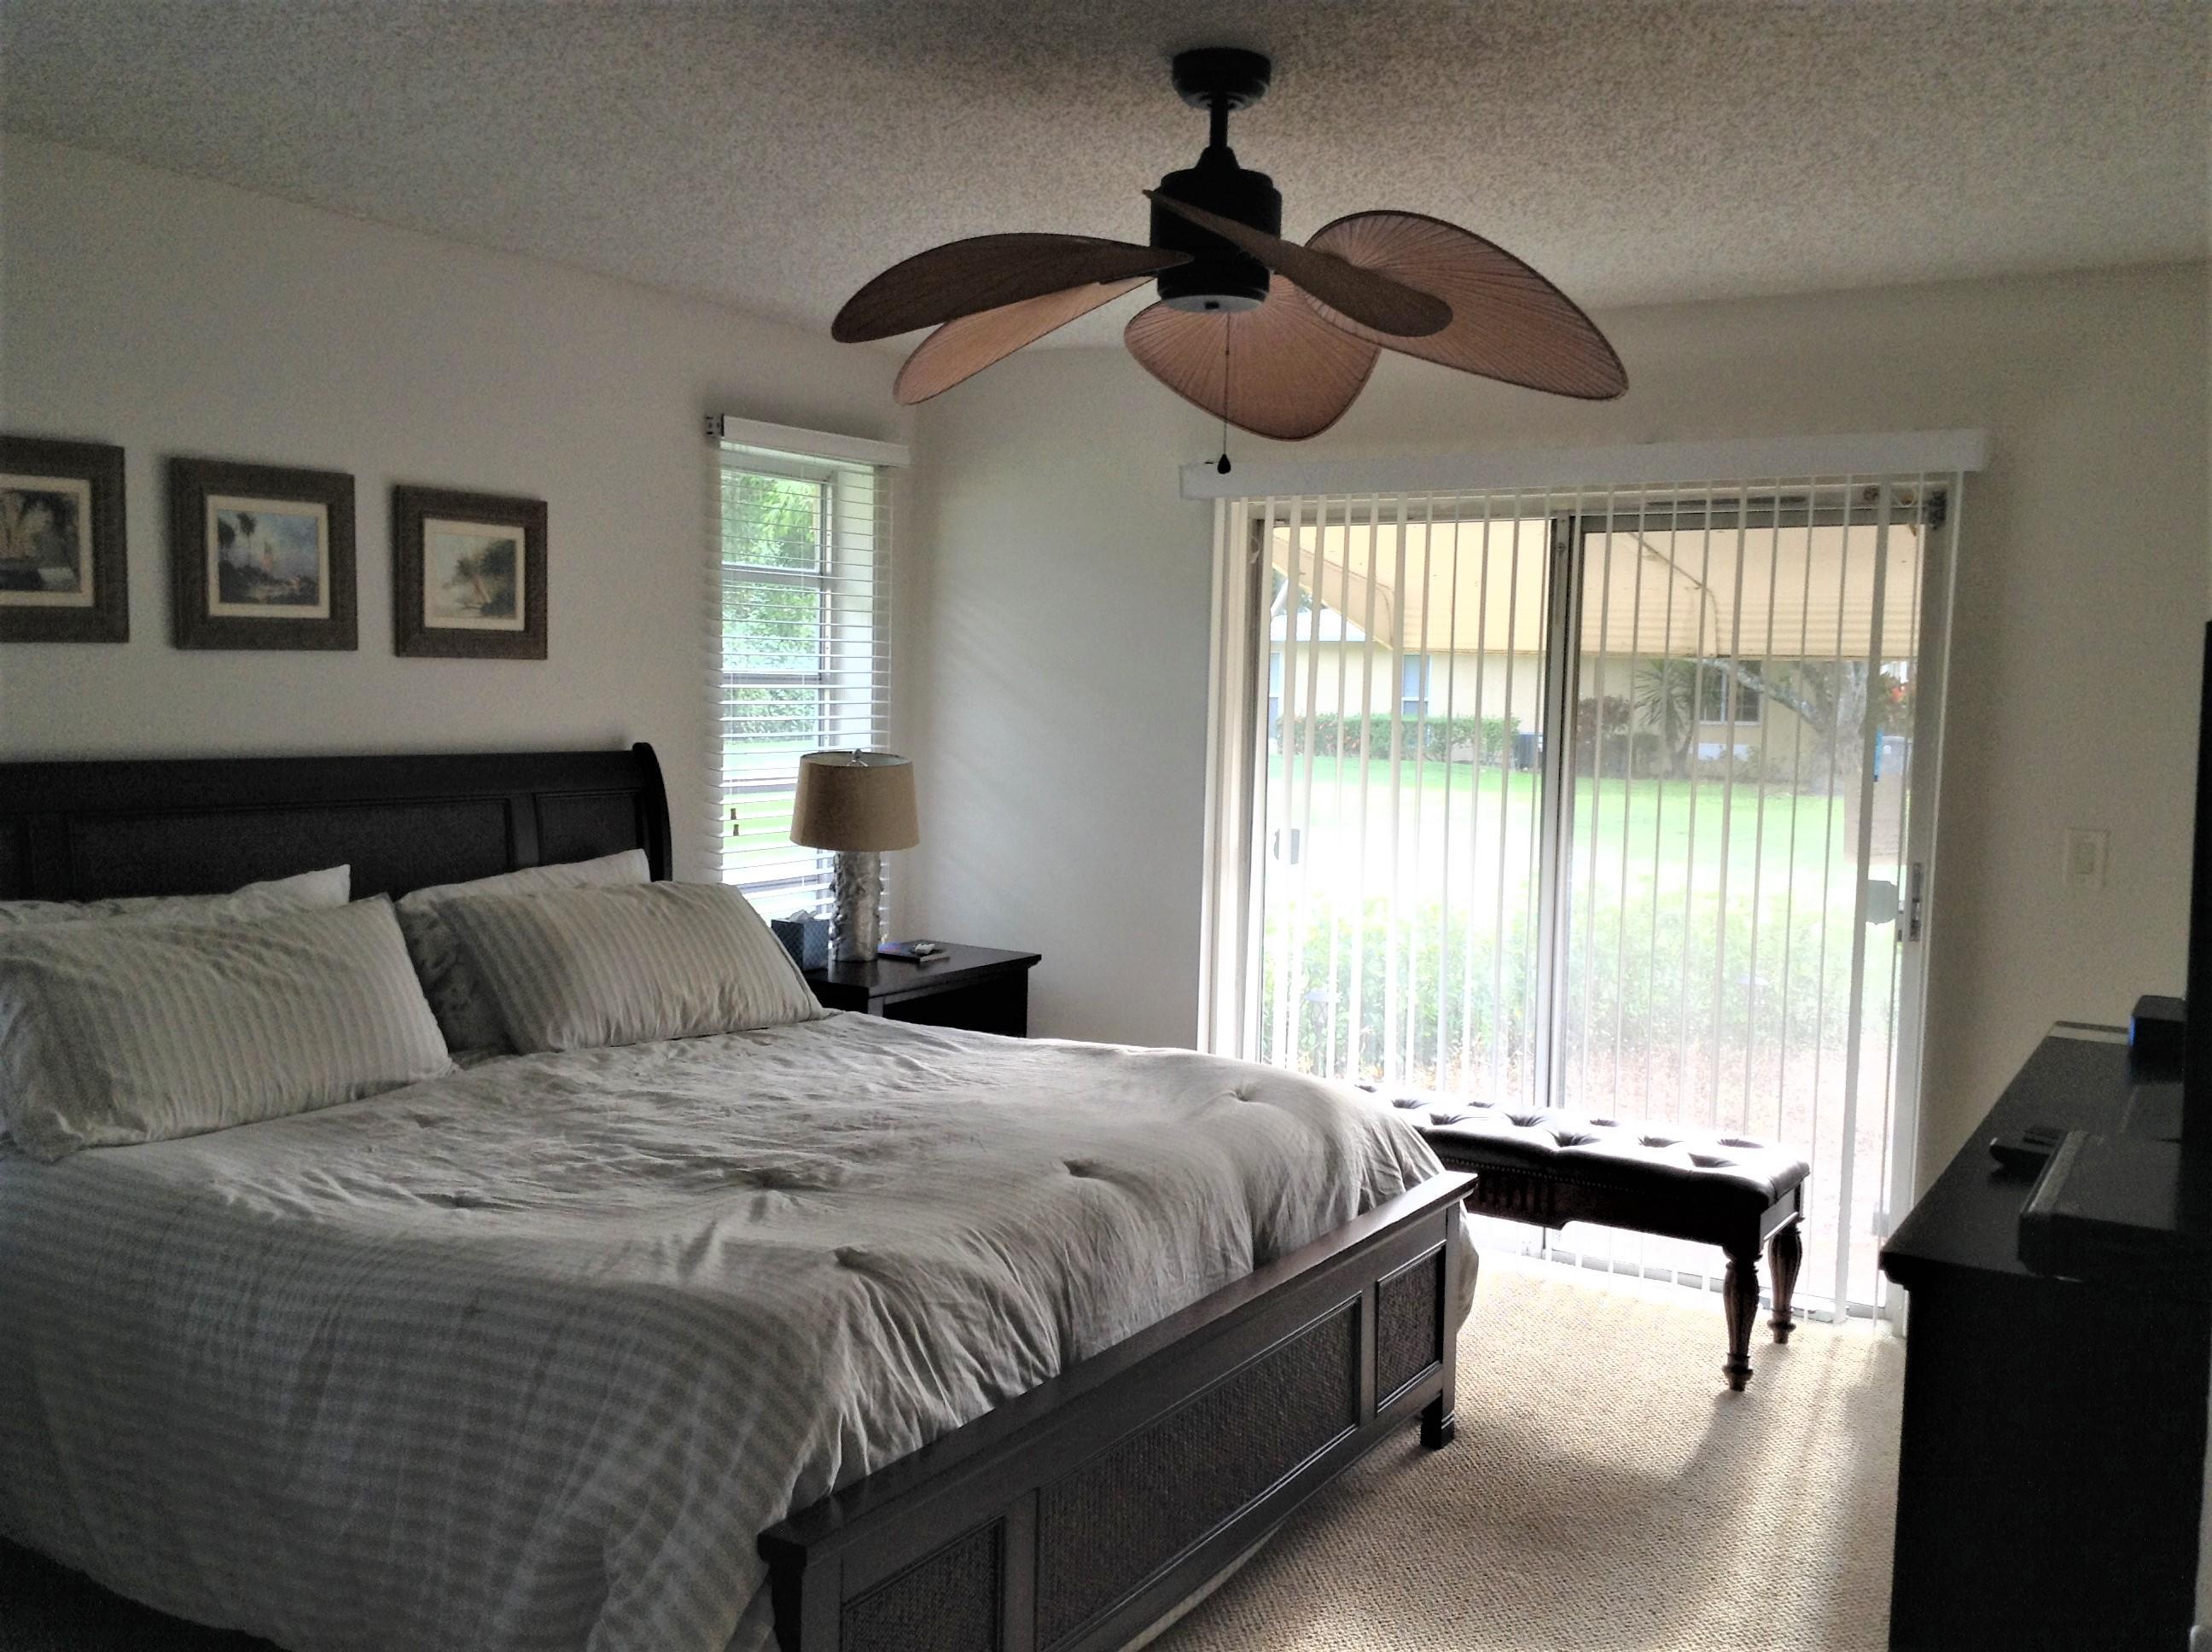 Details for 13756 Via Flora  A, Delray Beach, FL 33484